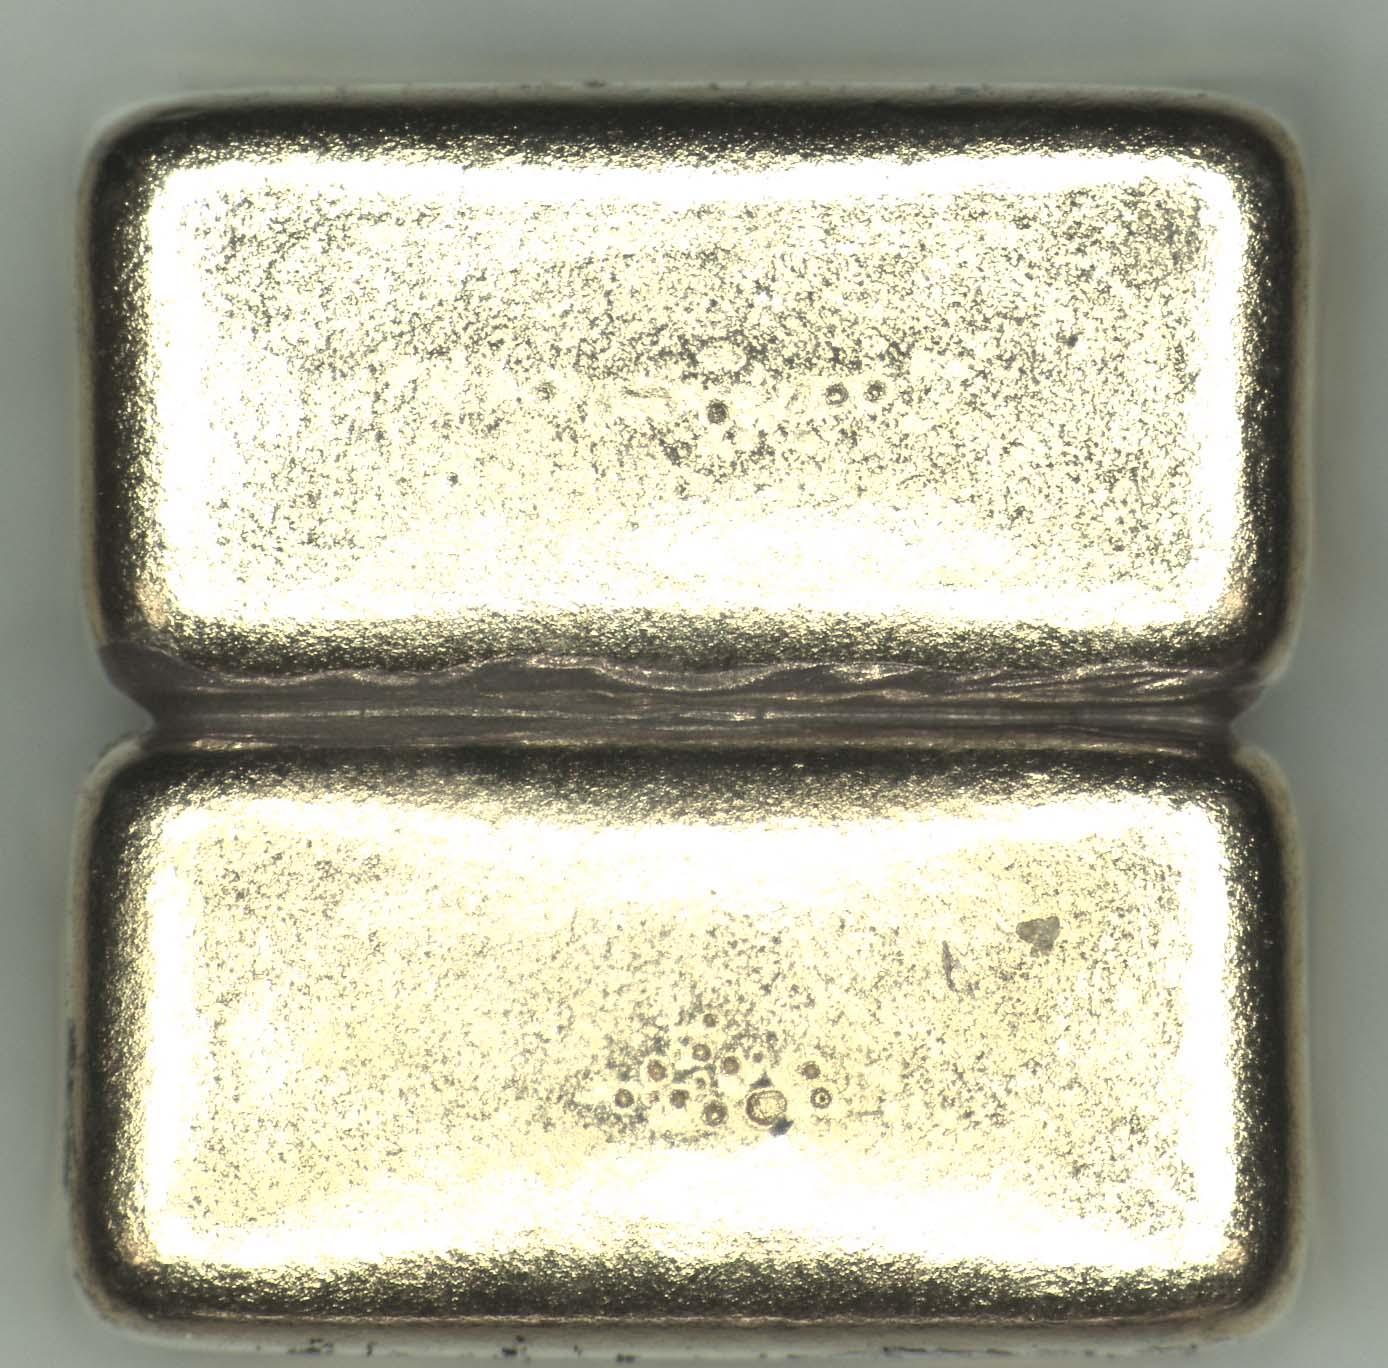 Au-plated transistors